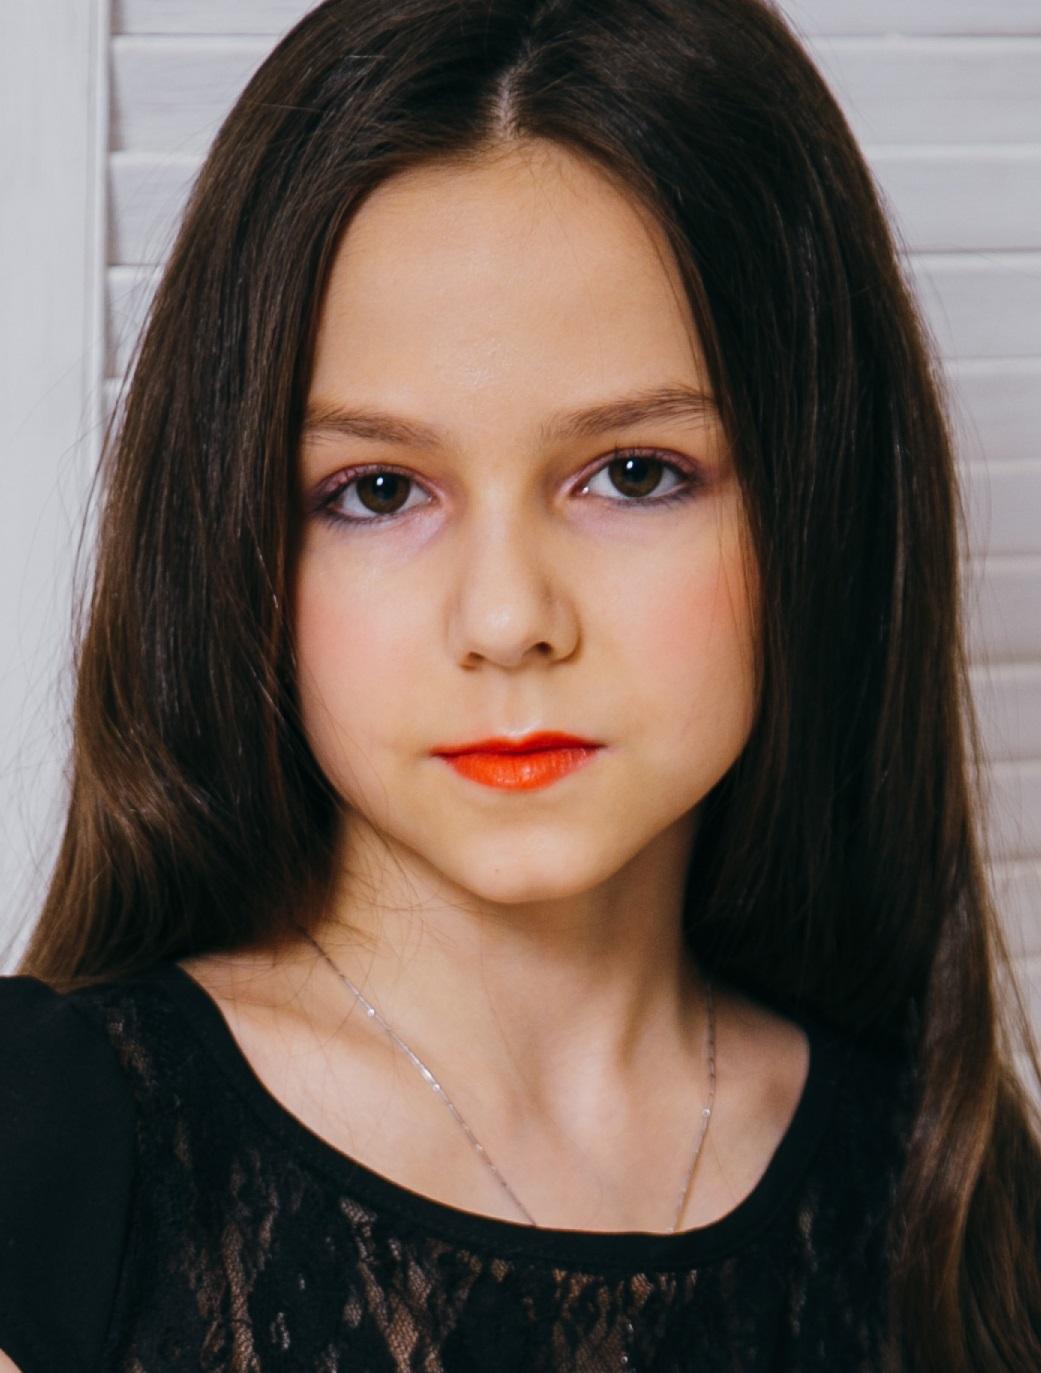 Анастасия Подъяпольская